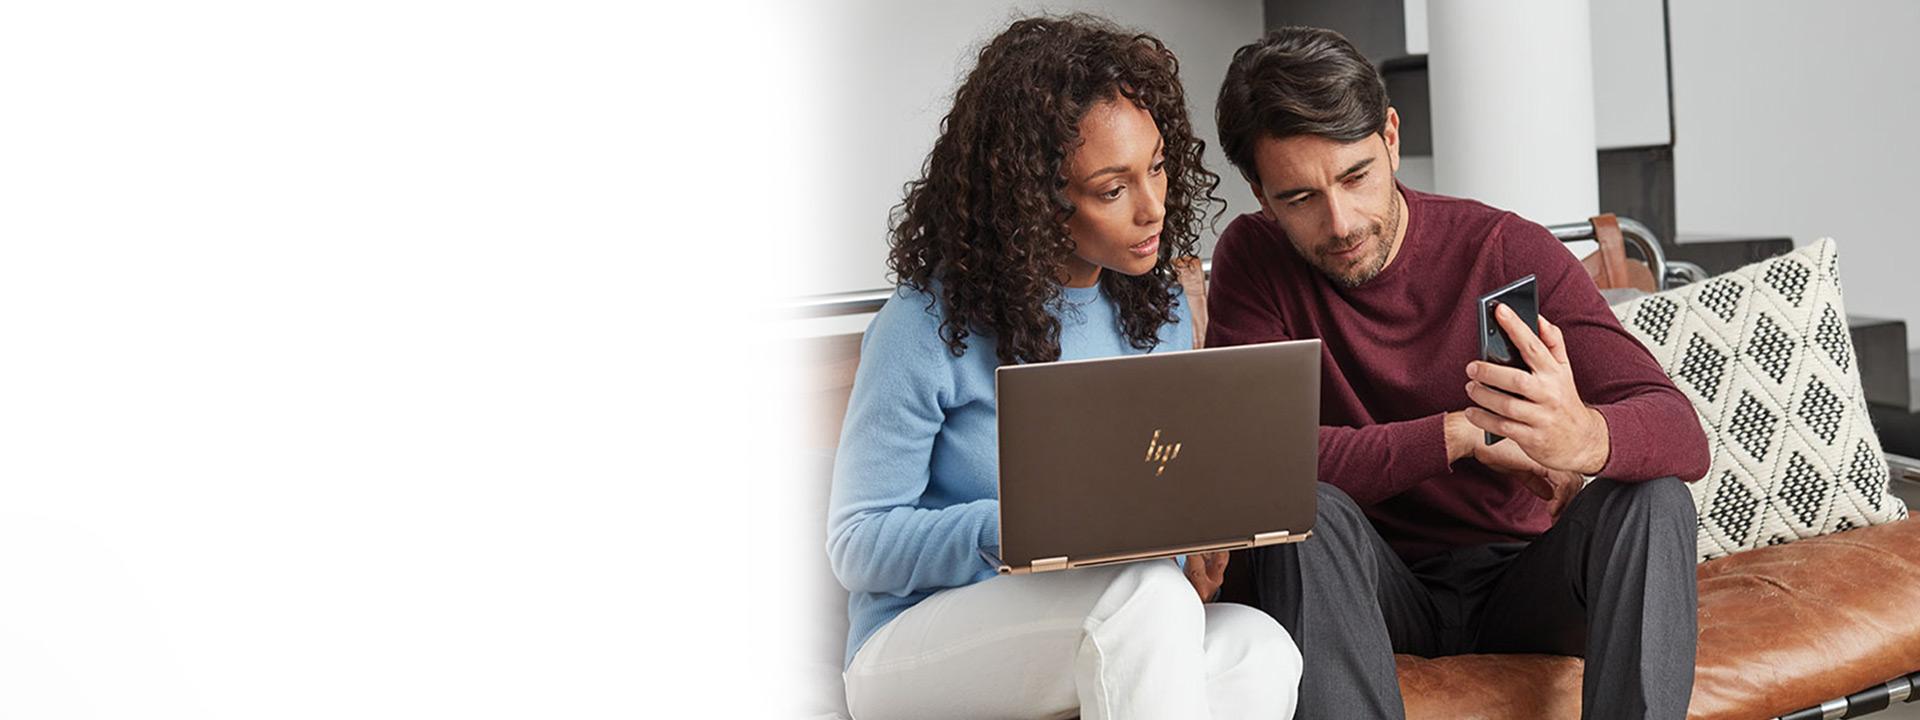 Žena i muškarac sede na kauču i gledaju na Windows 10 laptop i mobilni uređaj zajedno